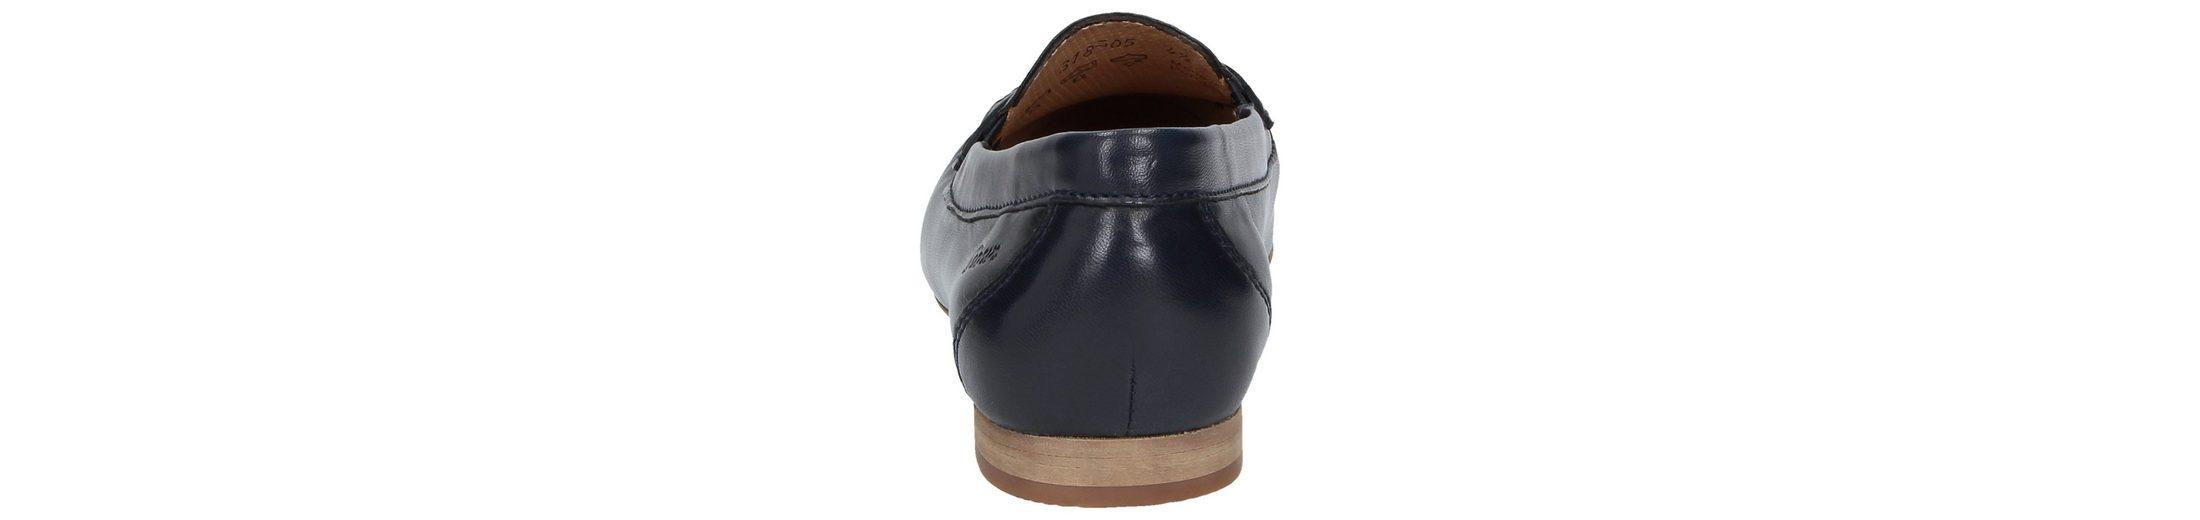 SIOUX Bodena-XL Slipper Rabatt Footlocker Finish bEgFUqJu